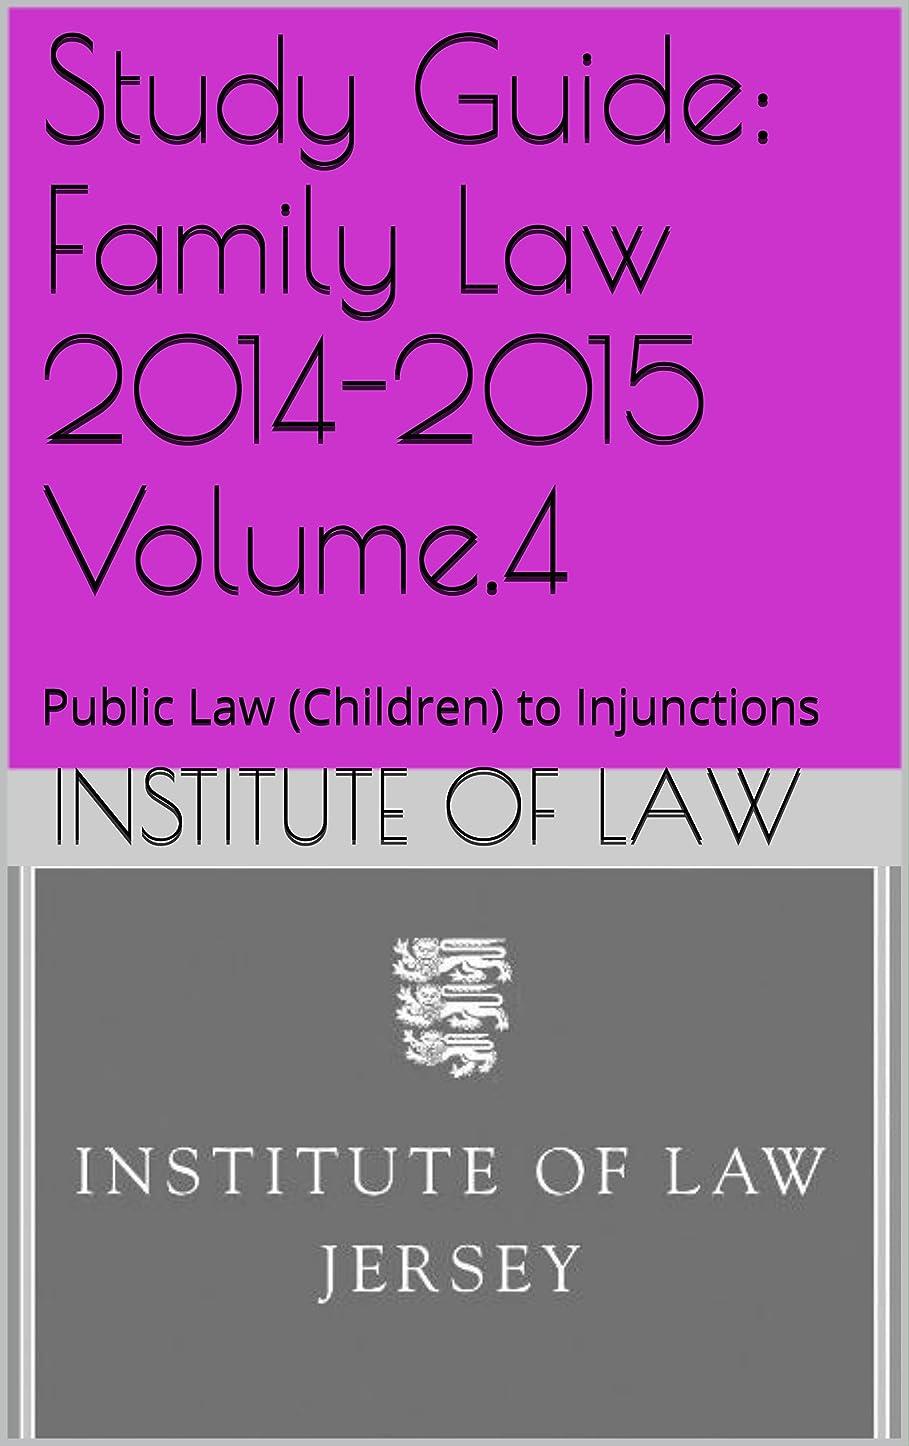 相関するラッチ代表してStudy Guide: Family Law 2014-2015 Volume.4: Public Law (Children) to Injunctions (Institute of Law Study Guides 2014-2015 Book 24) (English Edition)